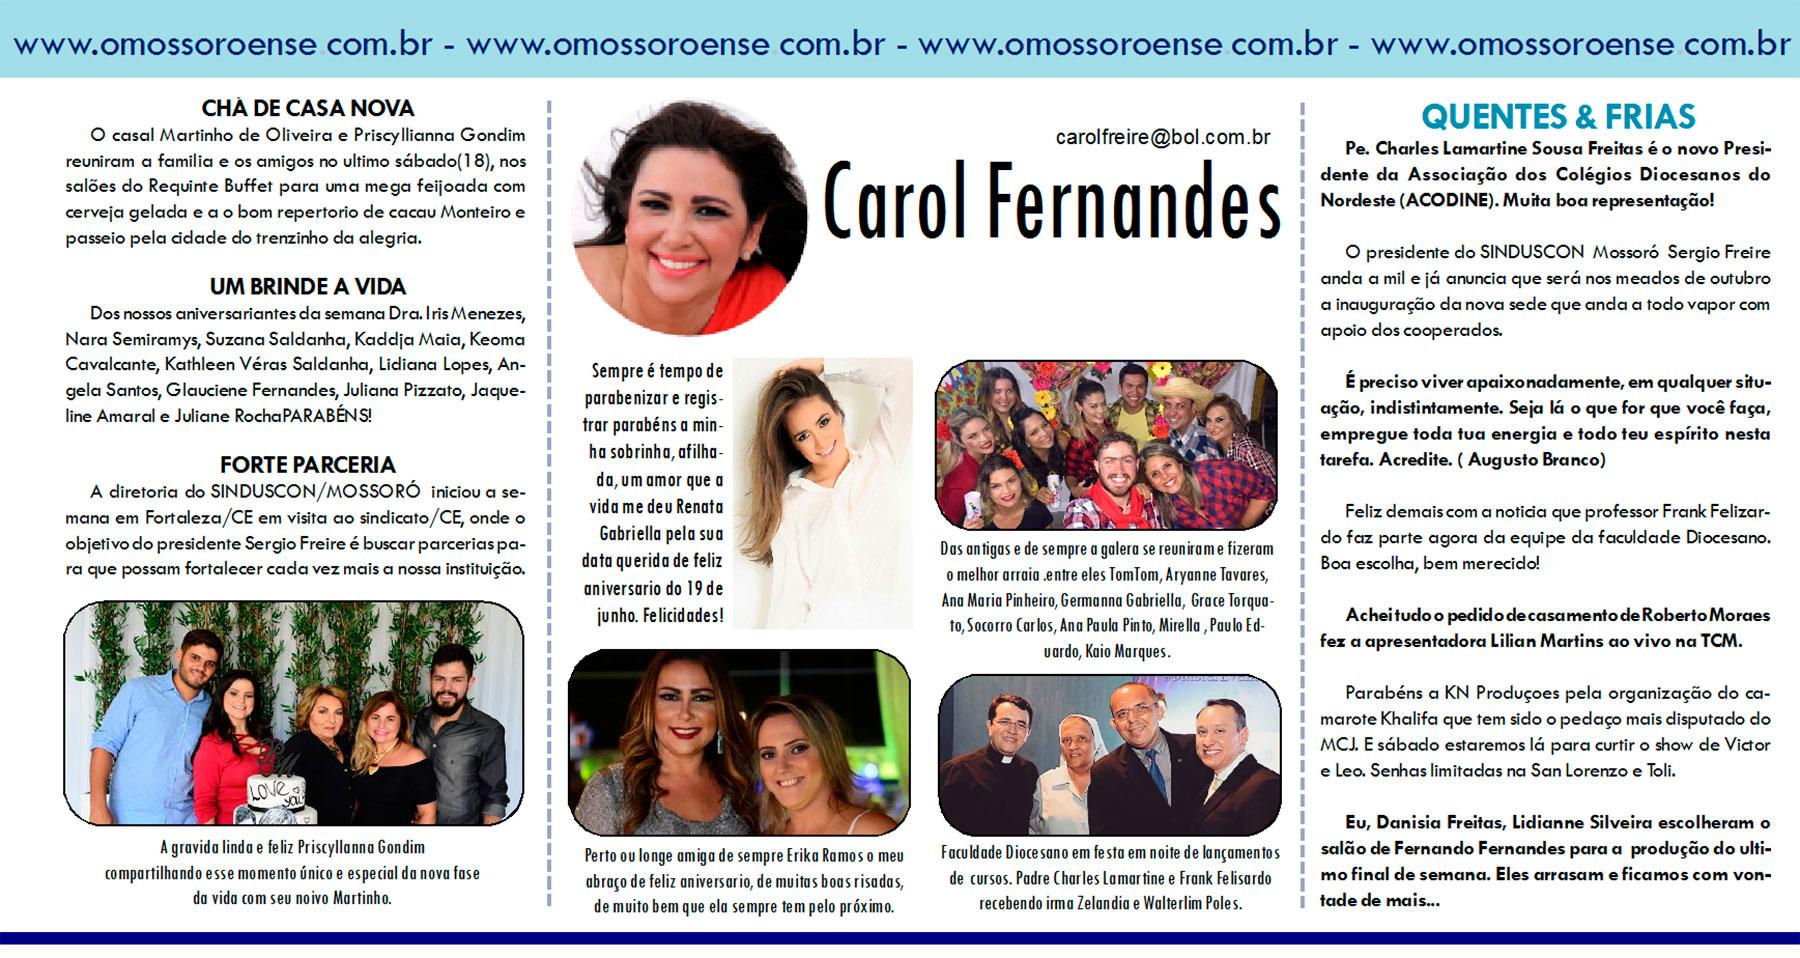 CAROL-FERNANDES---22-06-16